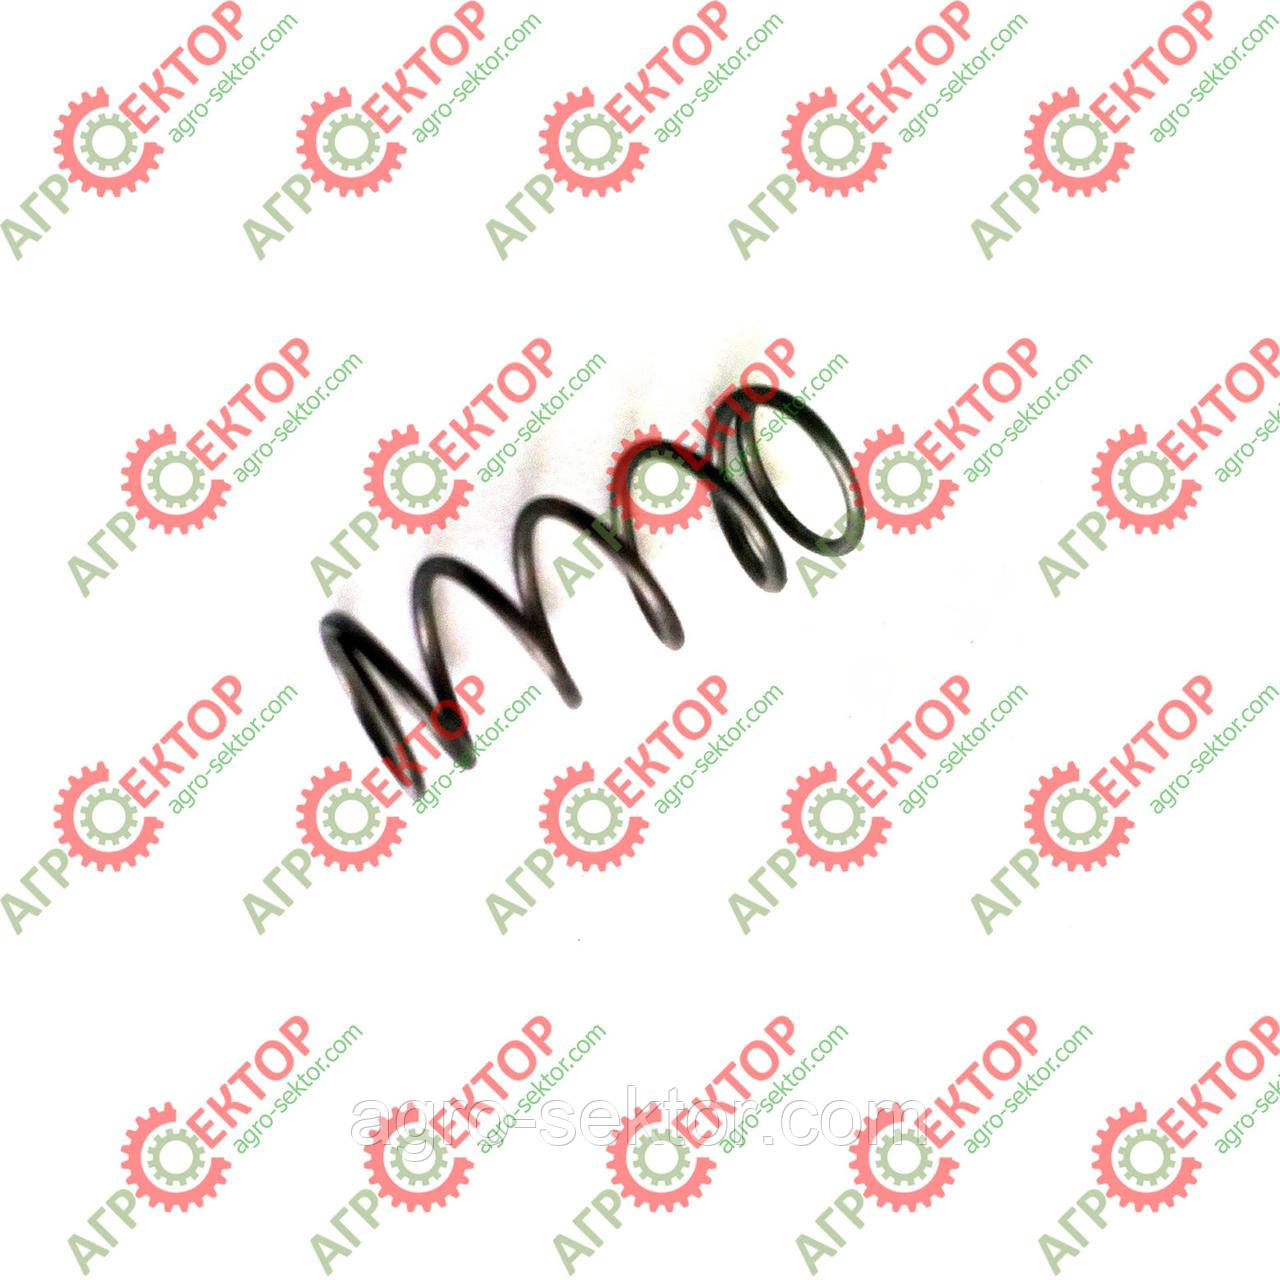 Пружина пальчика храповика муфти 1.2x11x30-5 на прес-підбирач Sipma Z-224 089-000975-3.913, 0829-401-481